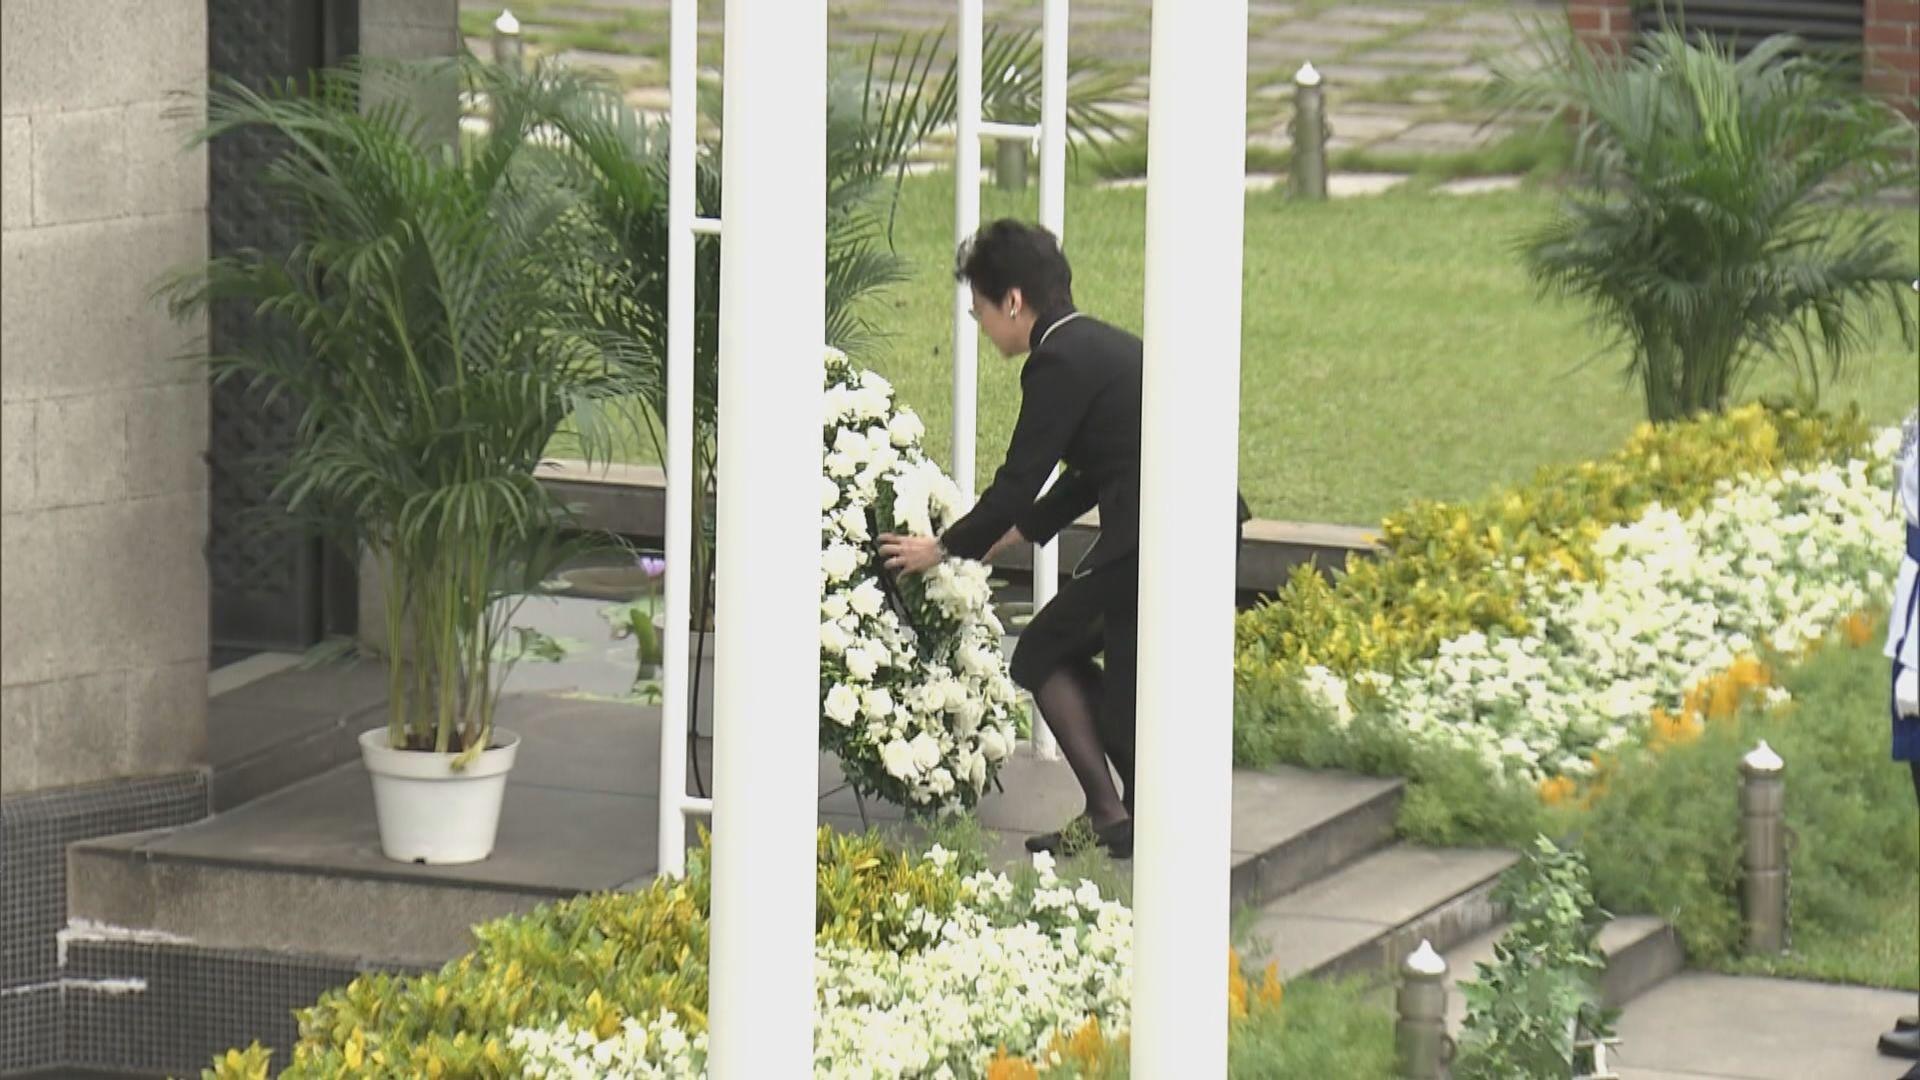 林鄭出席為保衞香港而捐軀人士紀念儀式